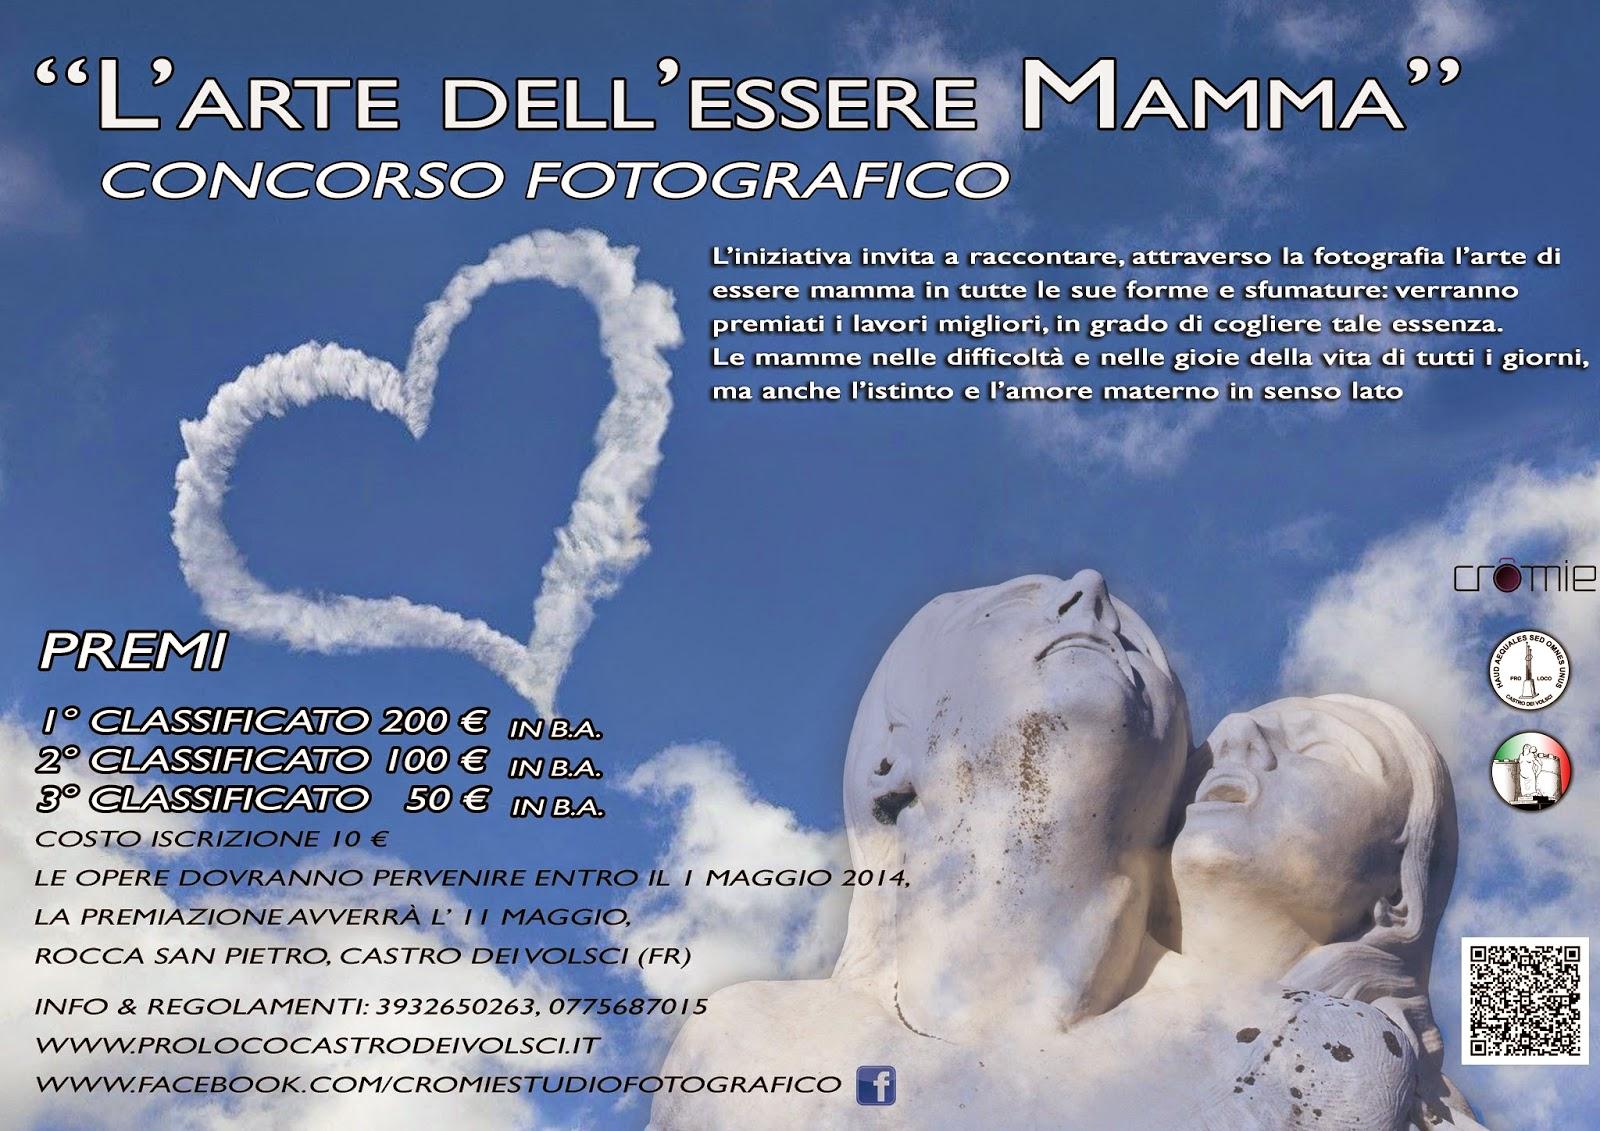 """Al via il concorso fotografico """"L'Arte dell'essere Mamma"""", in occasione del 50° Anniversario del monumento """"La Mamma Ciociara"""""""